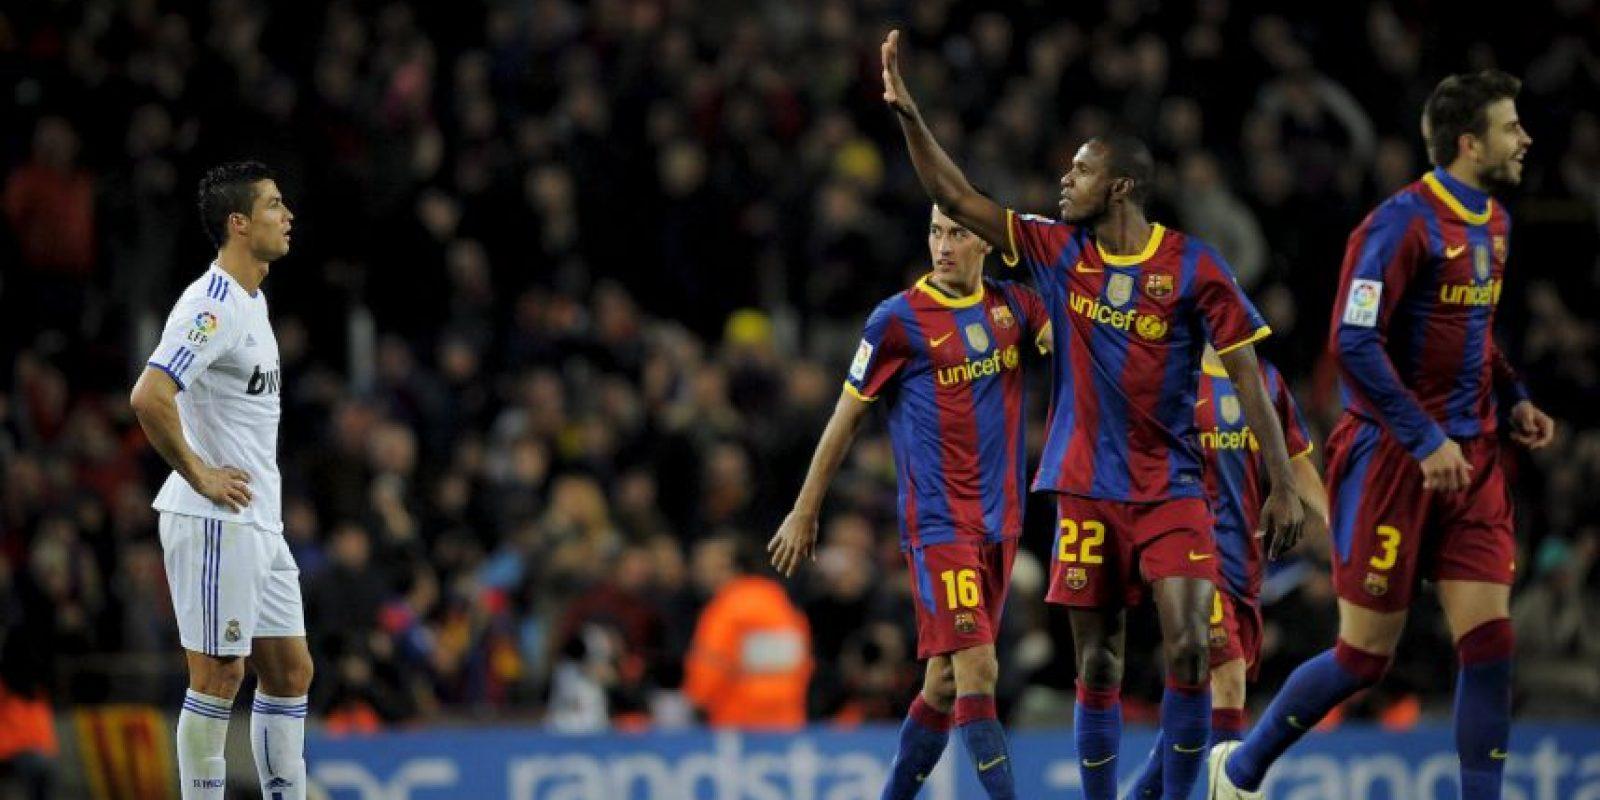 Del lado culé, la mejor racha es de 5 triunfos seguidos de la temporada 2009/2010 a la 2010/2011. Foto:Getty Images